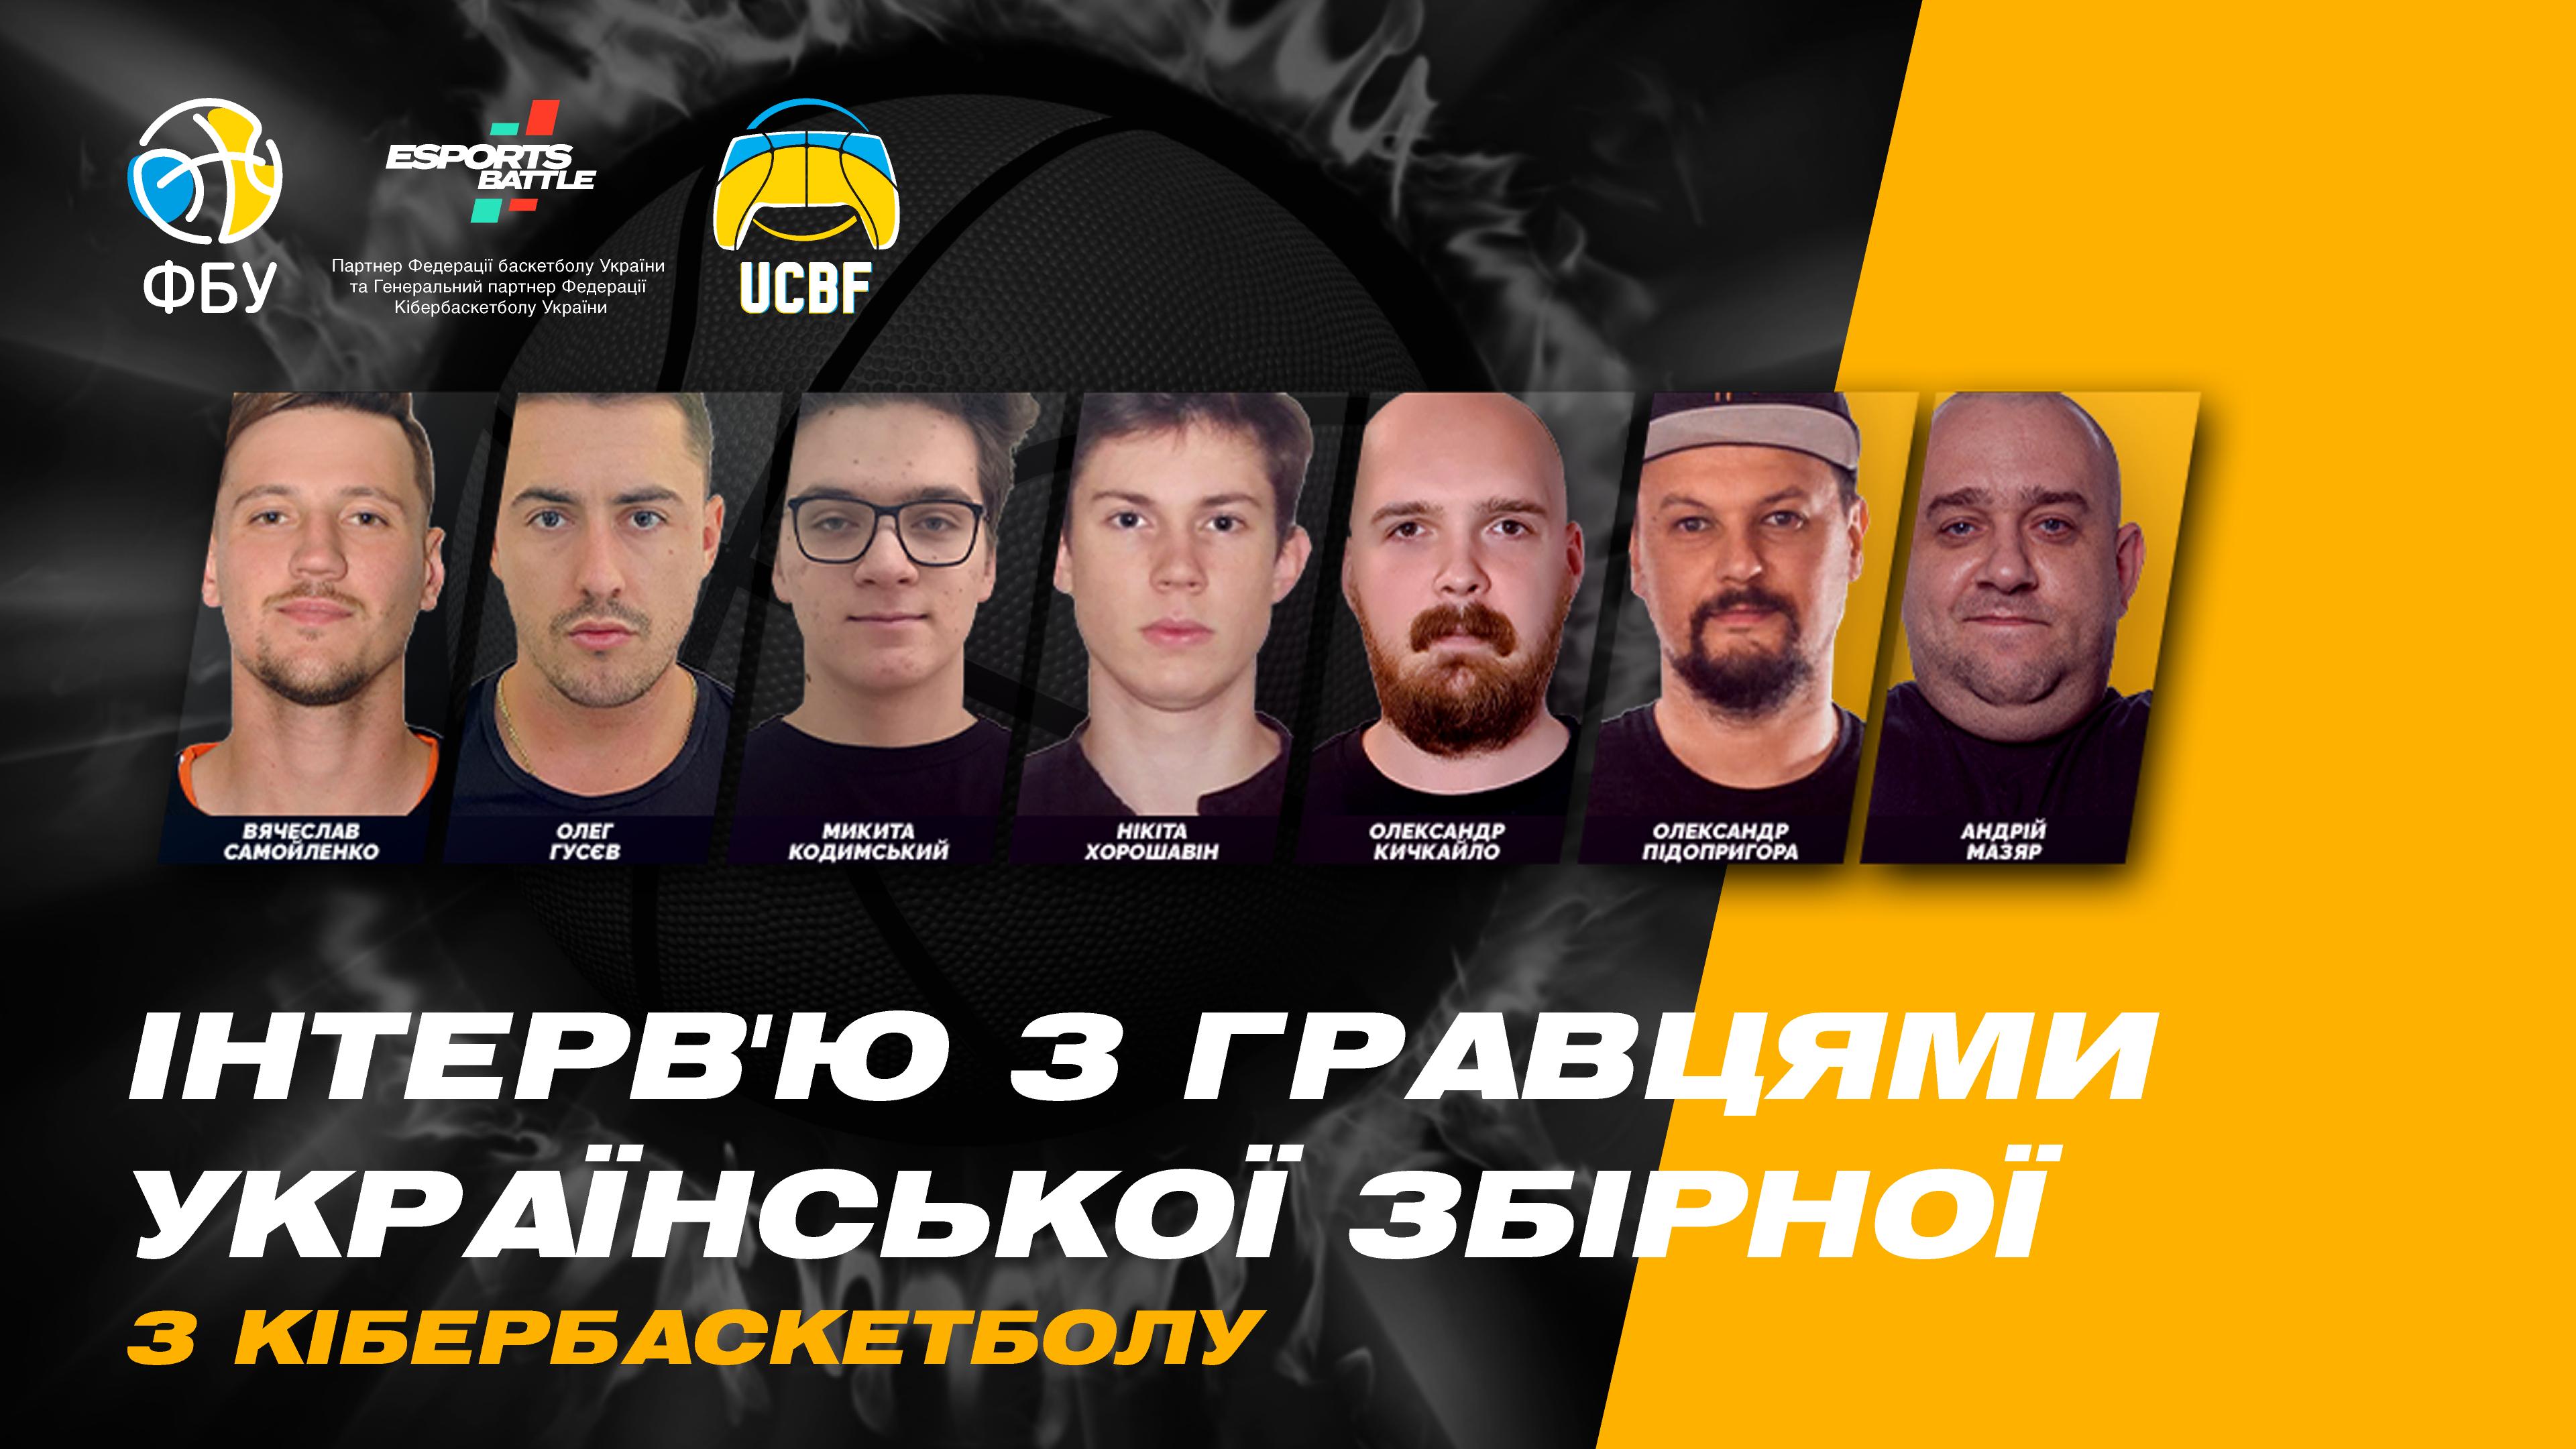 Інтерв'ю ESportsBattle з гравцями збірної України з кібербаскетболу та президентом UCBF про FIBA OPEN III та розвиток кібербаскетболу в Україні